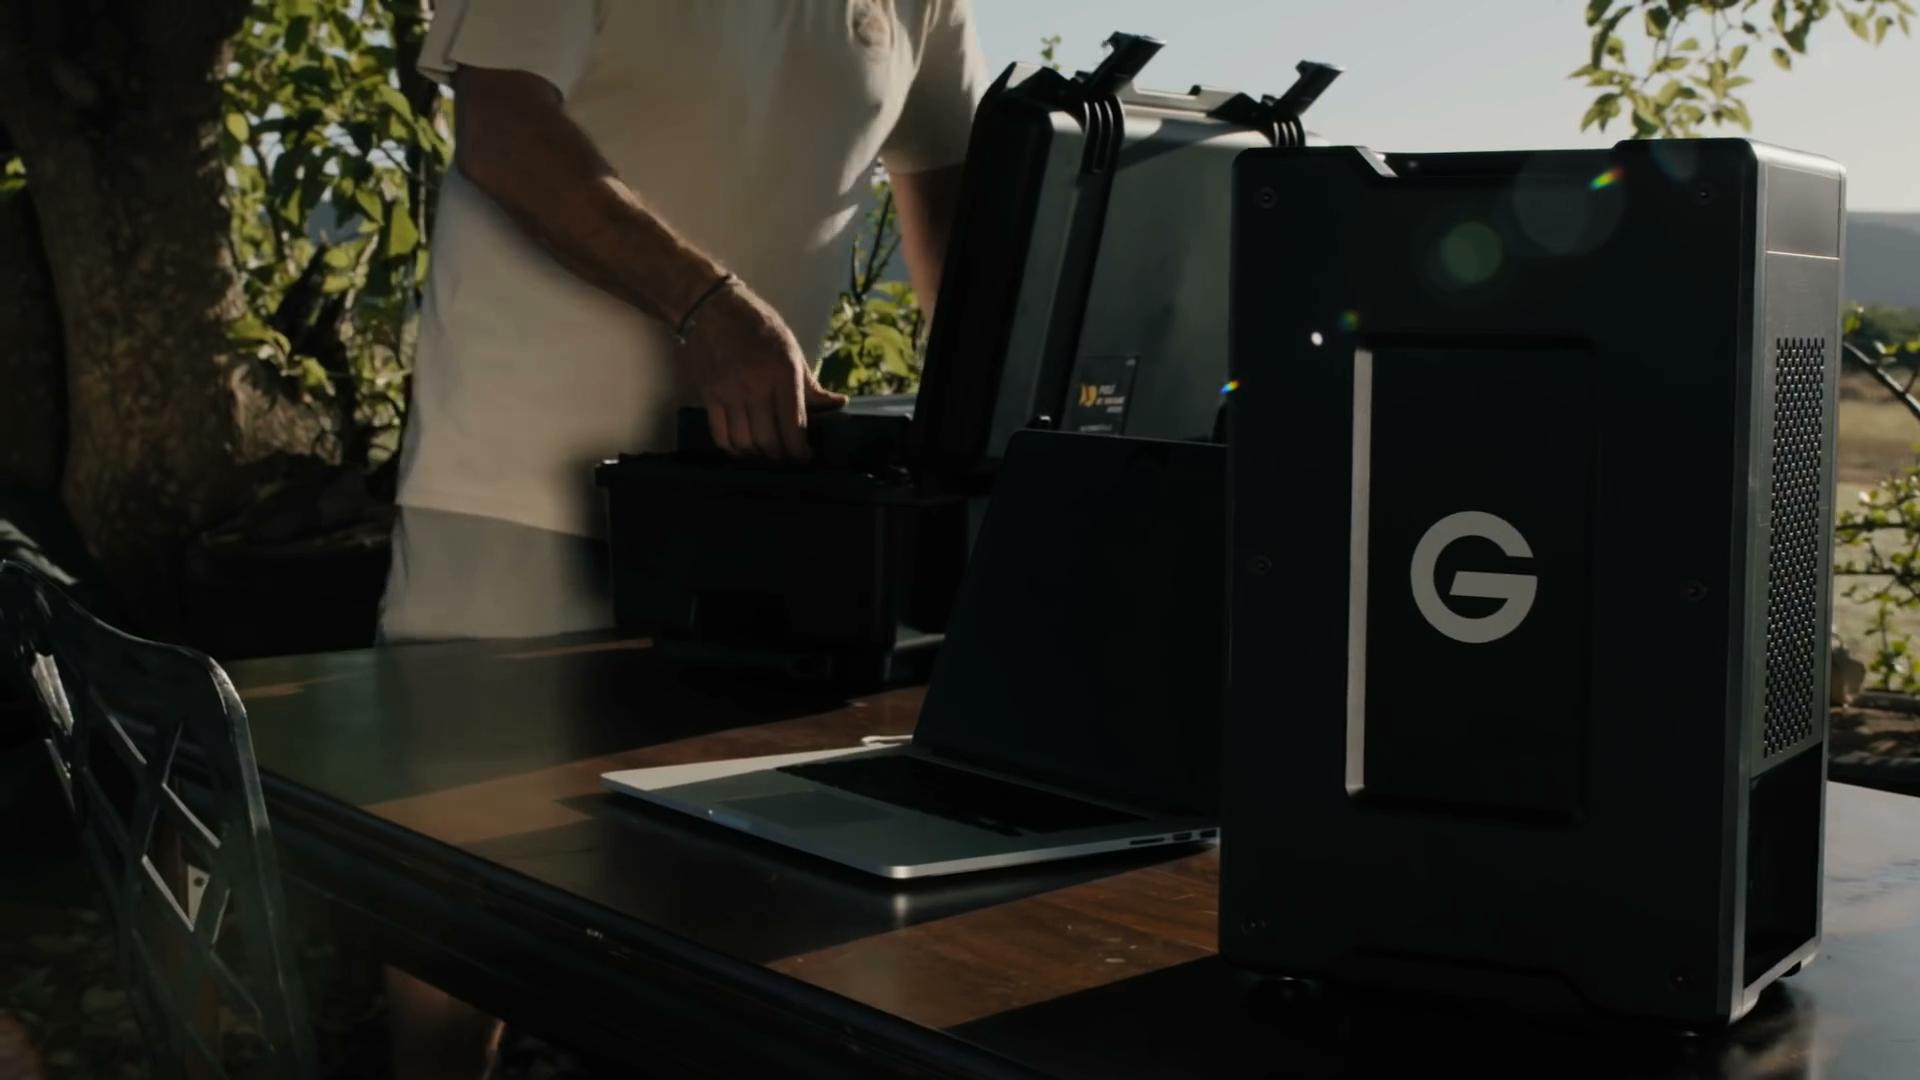 Stockage informatique de mieux en mieux pensé - bannière GTech